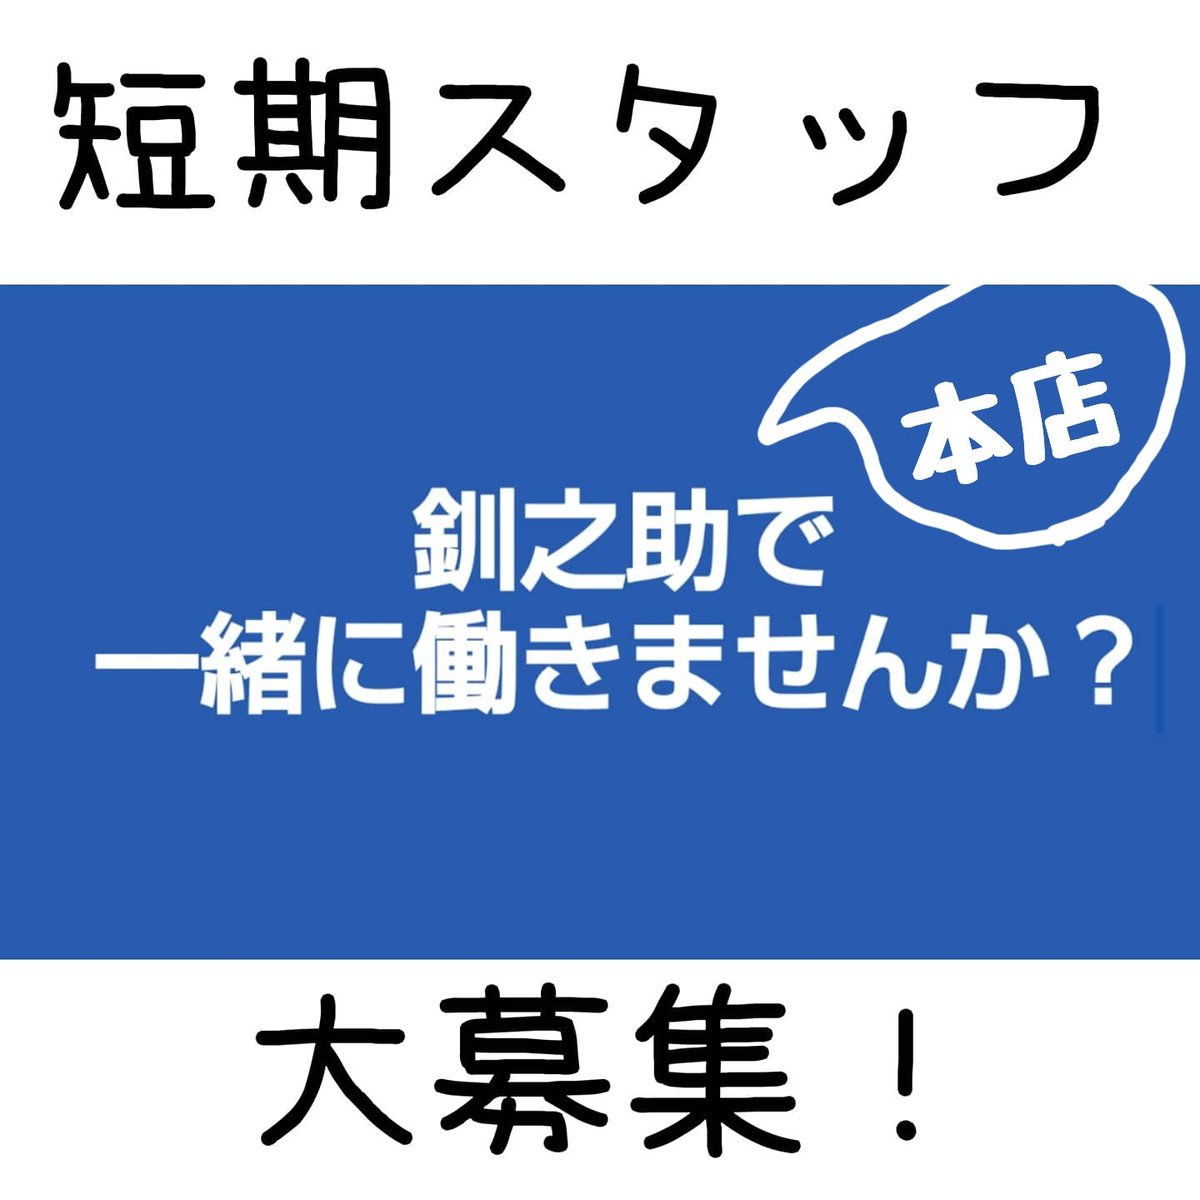 釧之助 本店 (@FnM4vpVrPUX0YbH)   Twitter